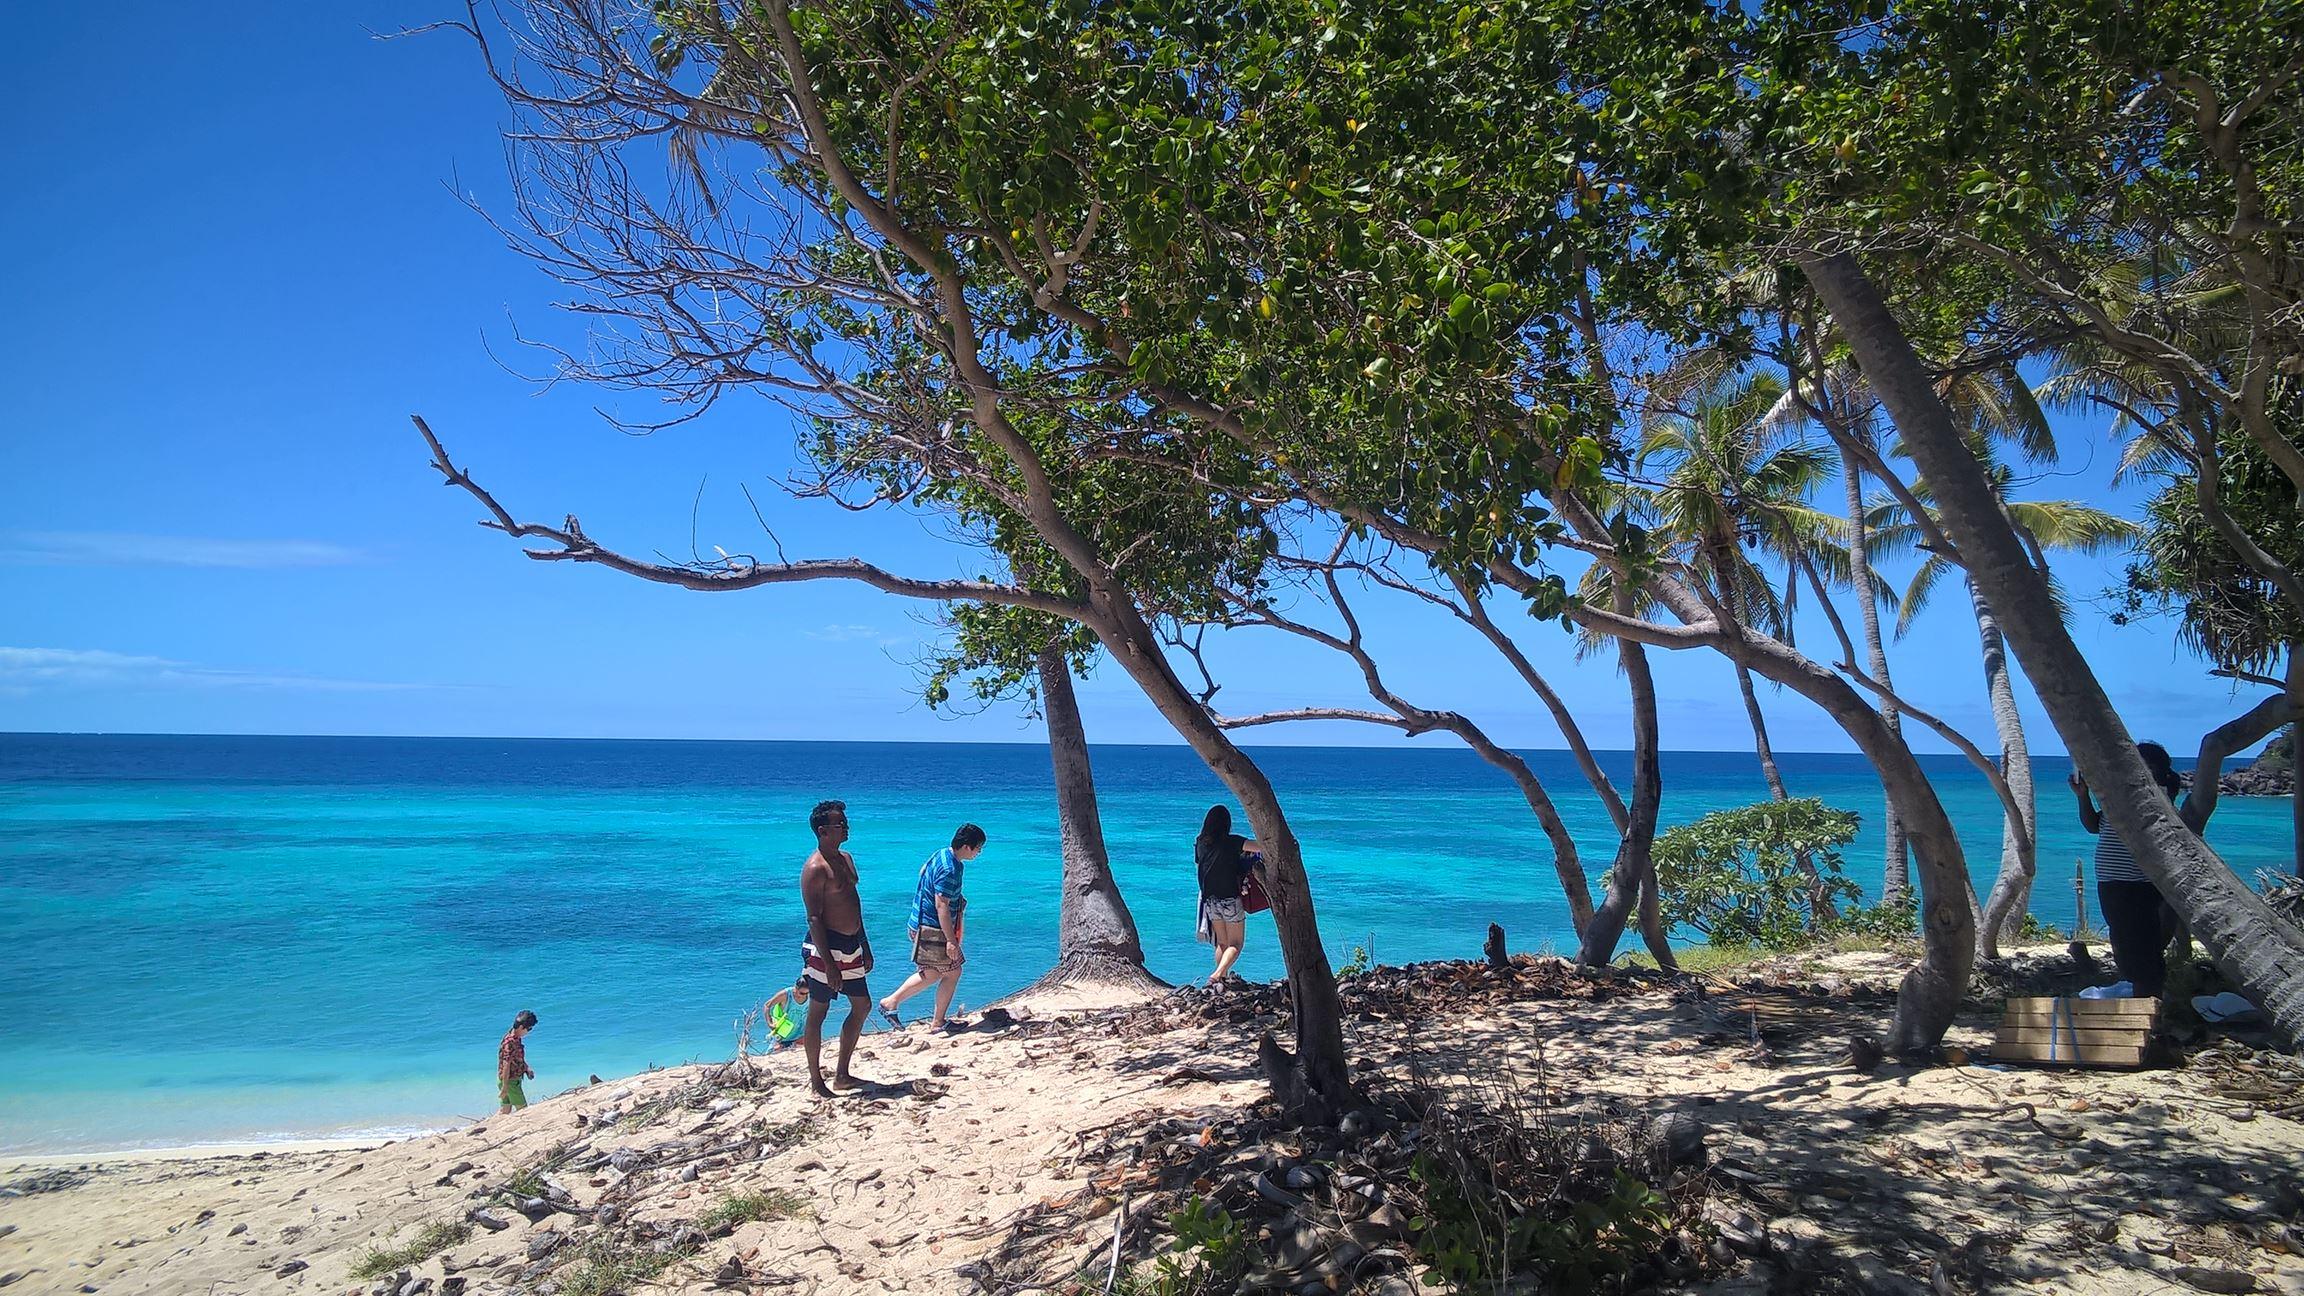 Wunderschönes Meer und die Touristen